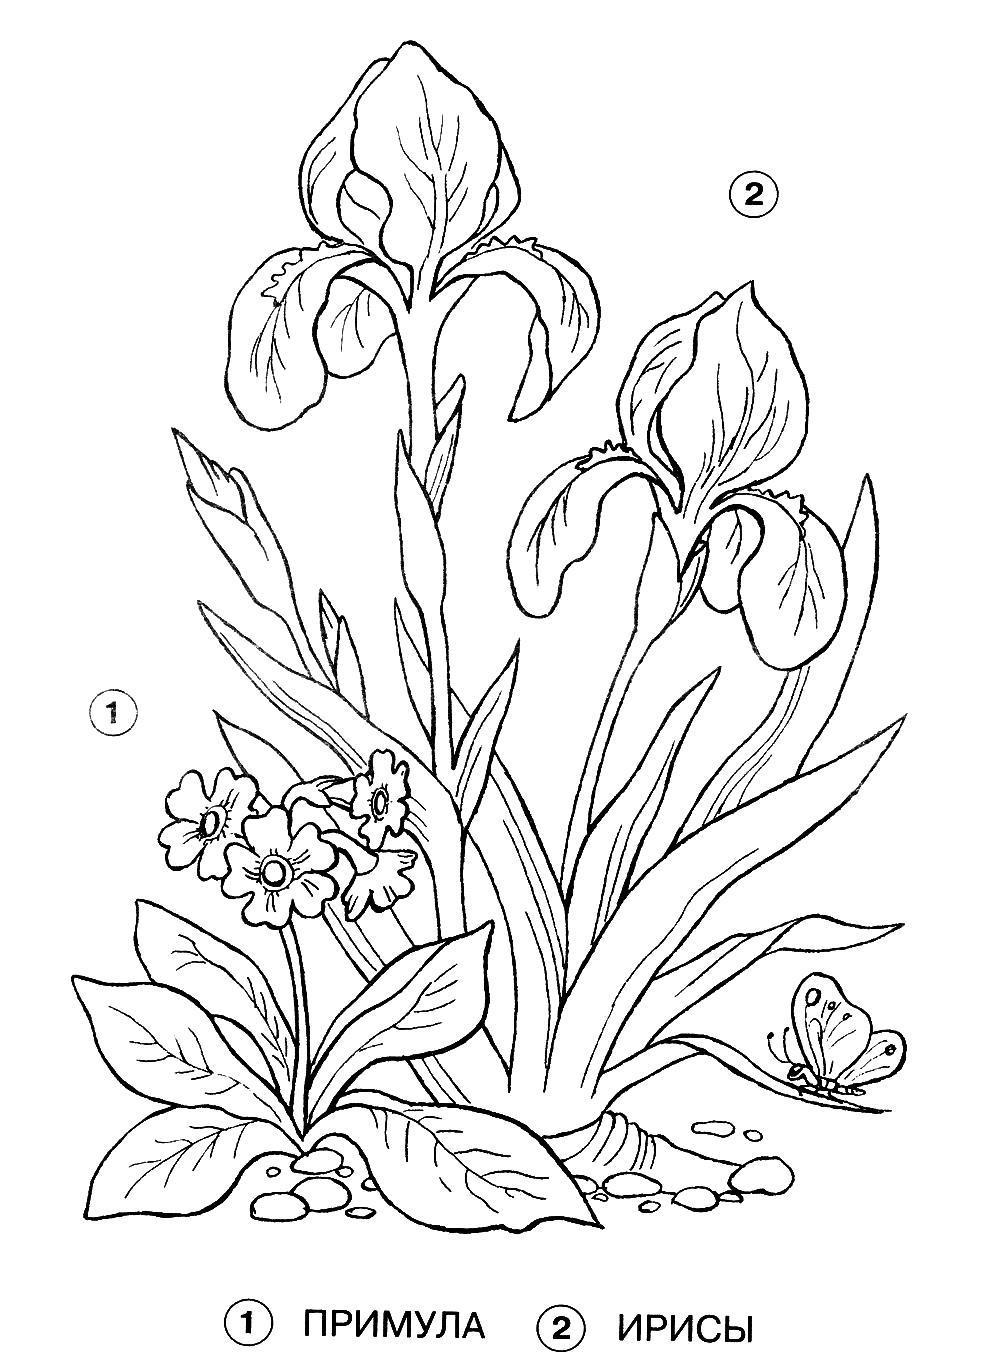 Полевые цветы примула и ирисы